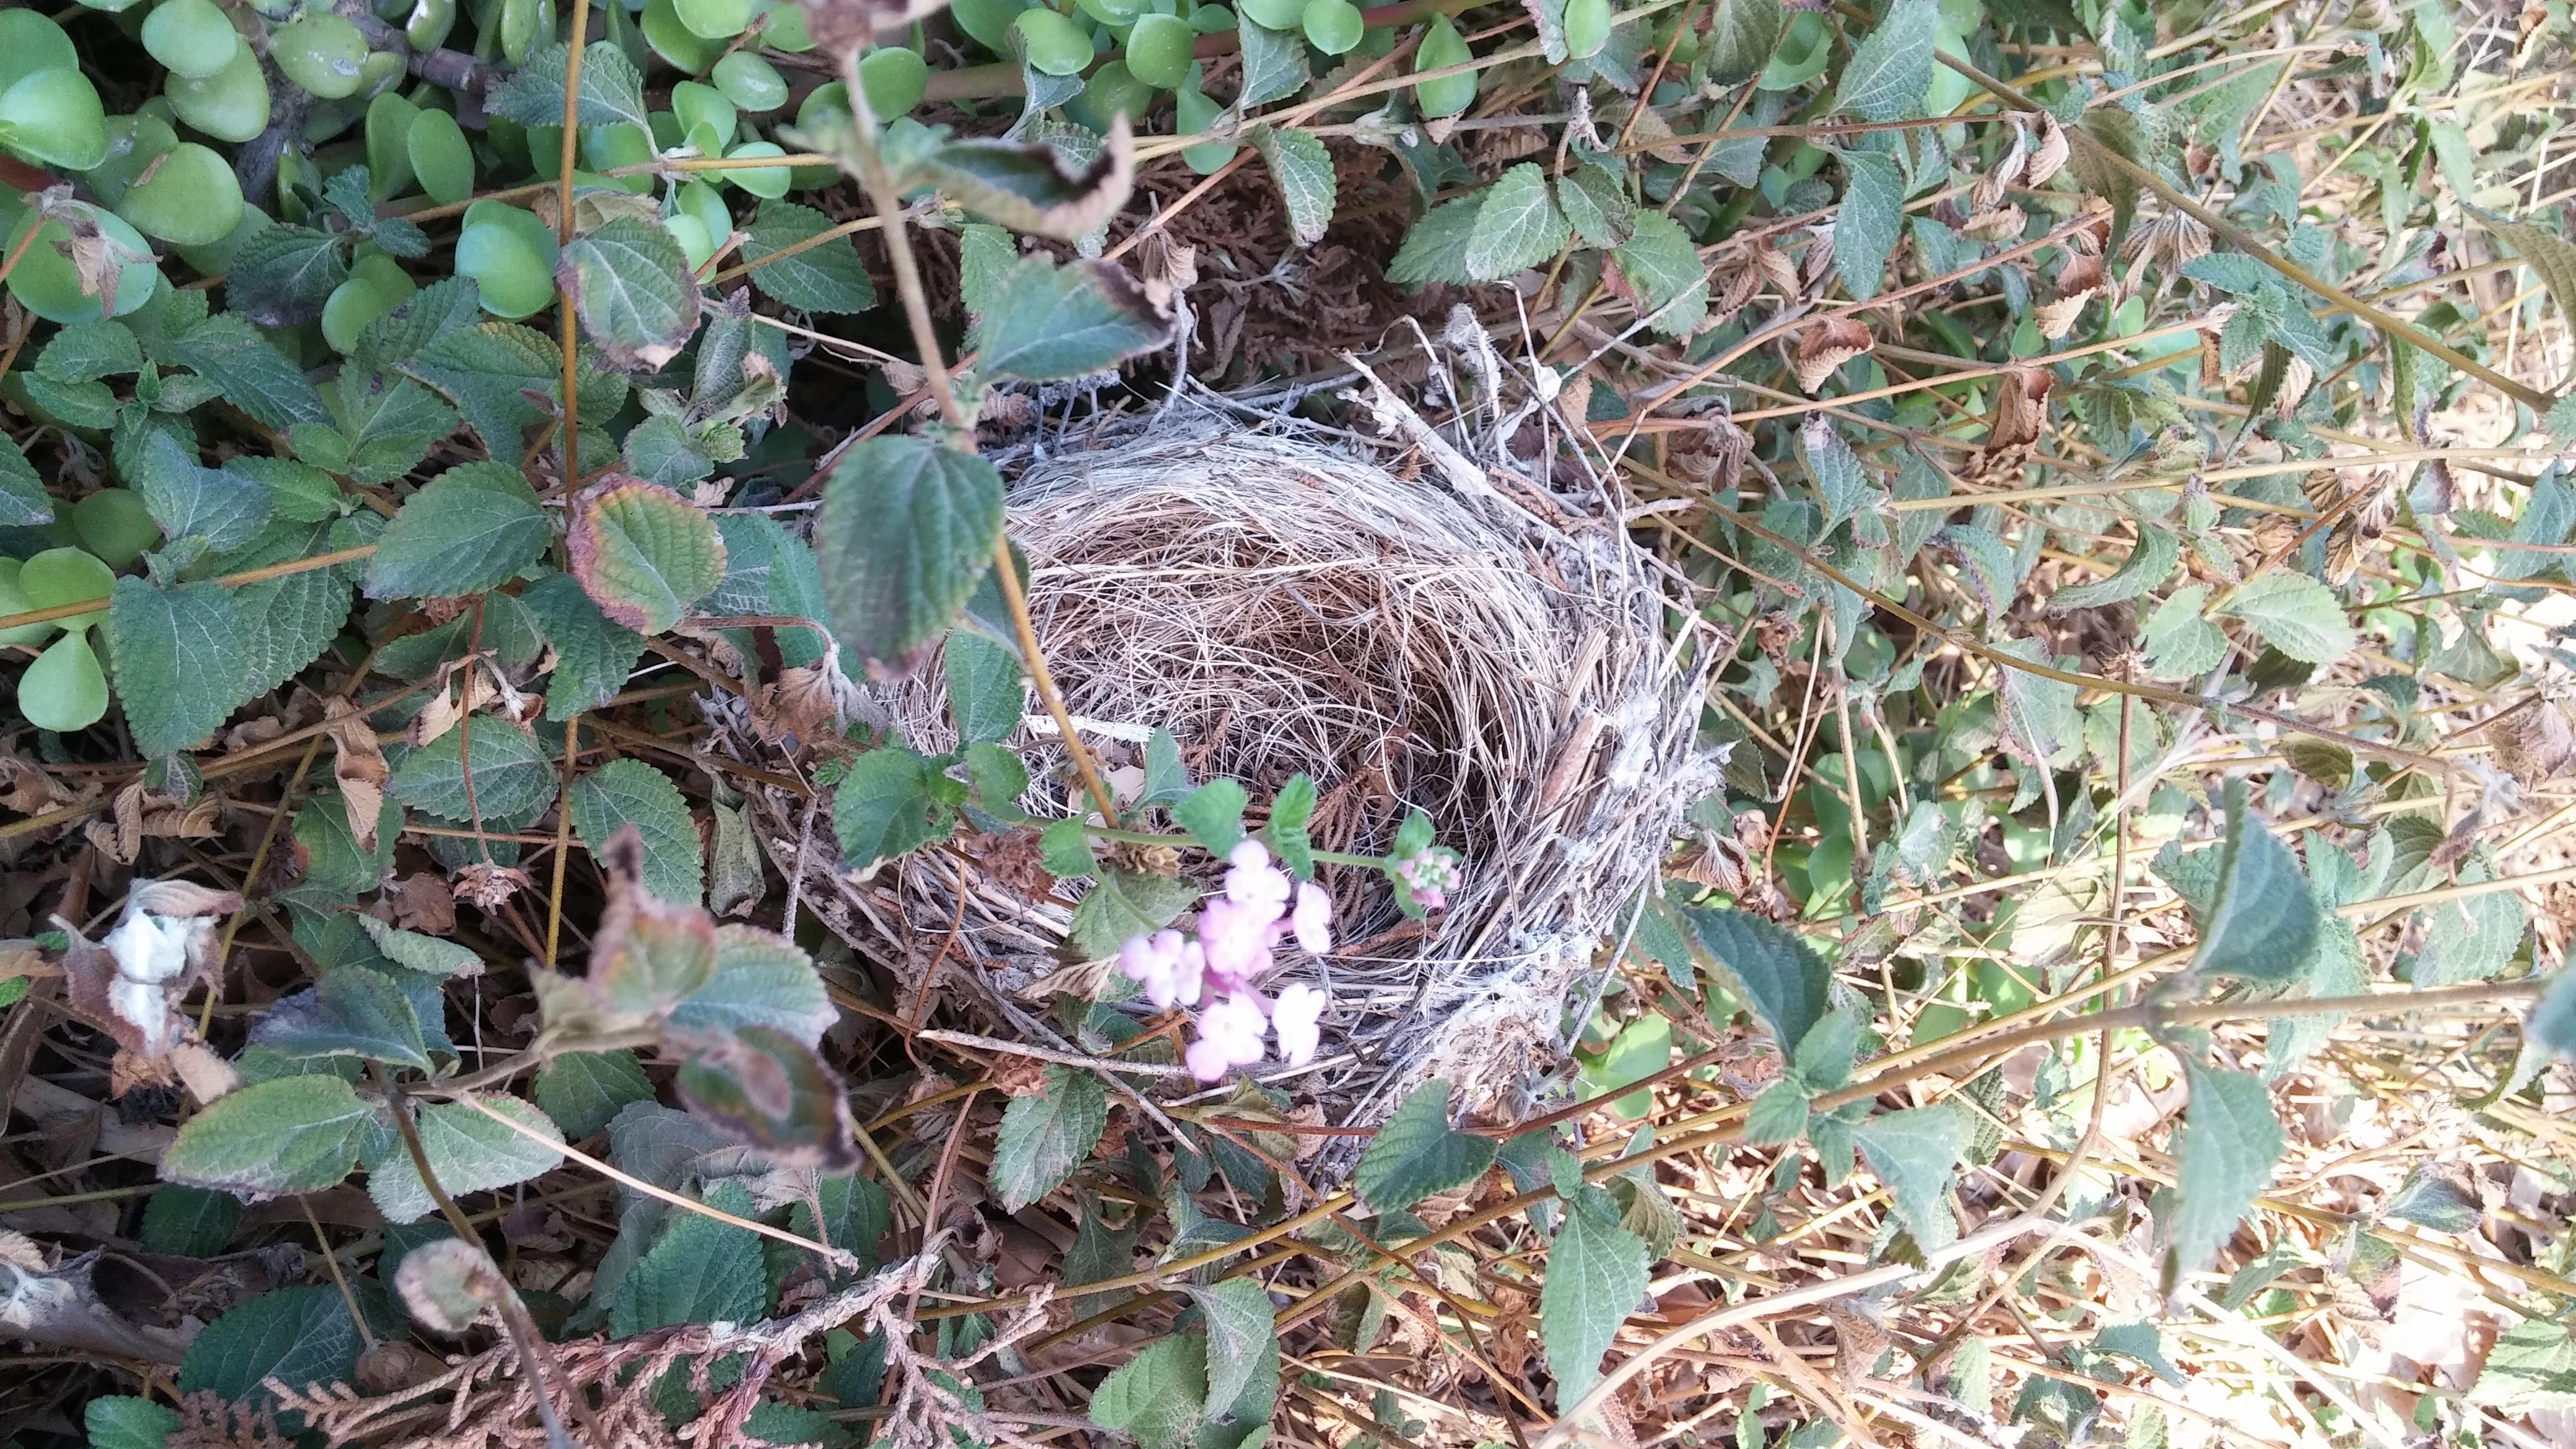 empty bird's nest among vines